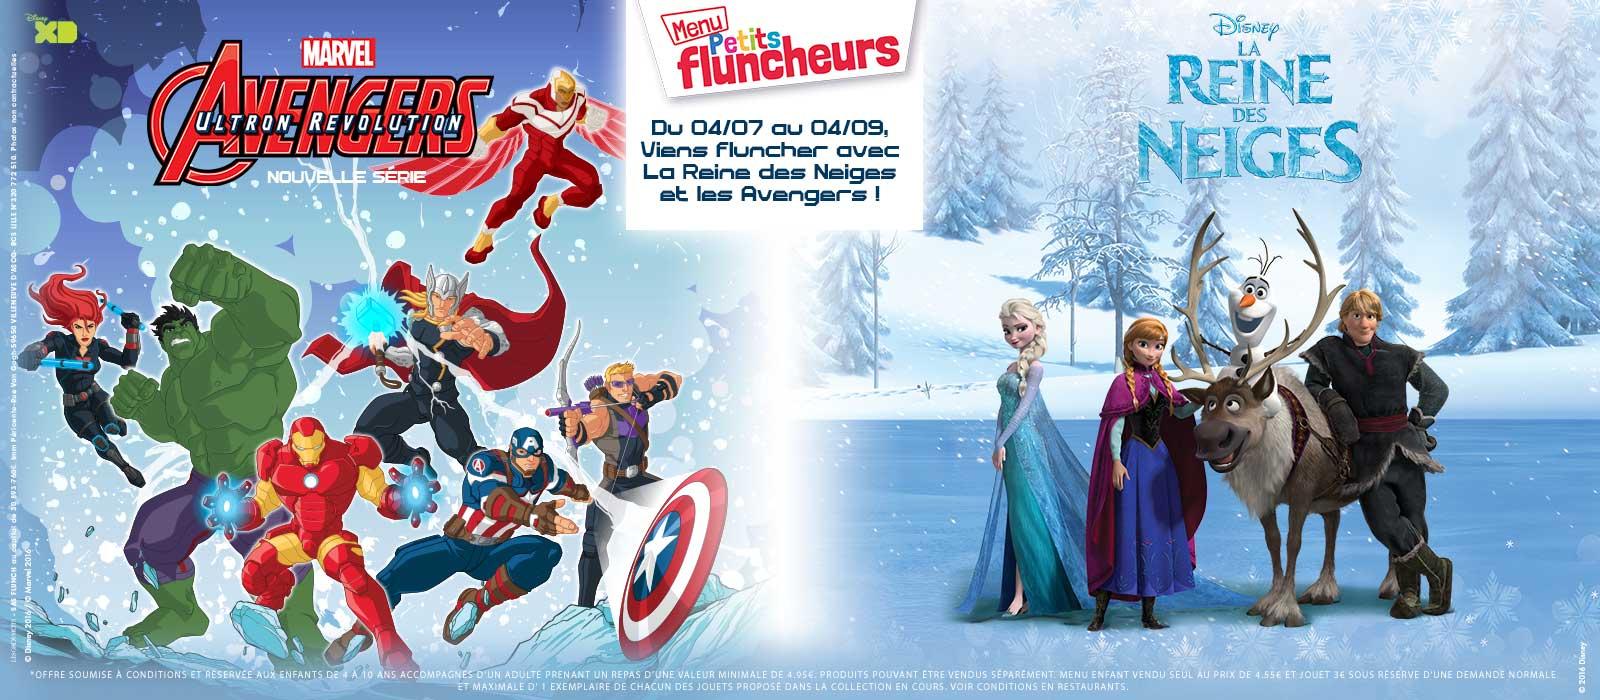 Avengers et La Reine des Neiges